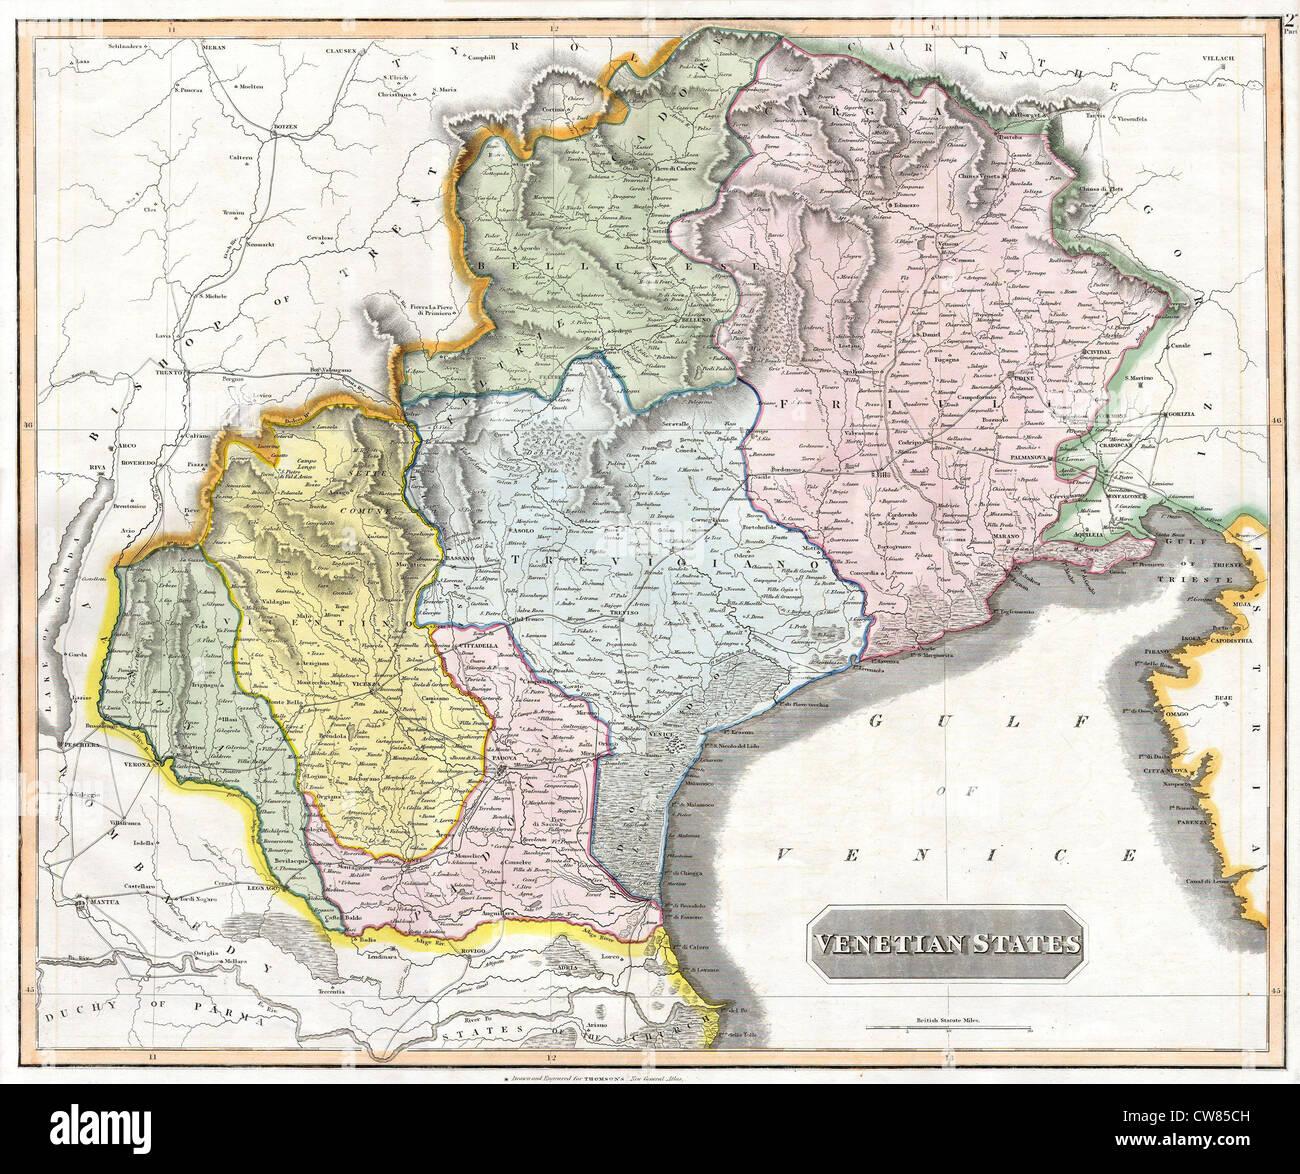 1814 Thomson Karte der venezianischen Staaten (Venedig), Italien Stockbild